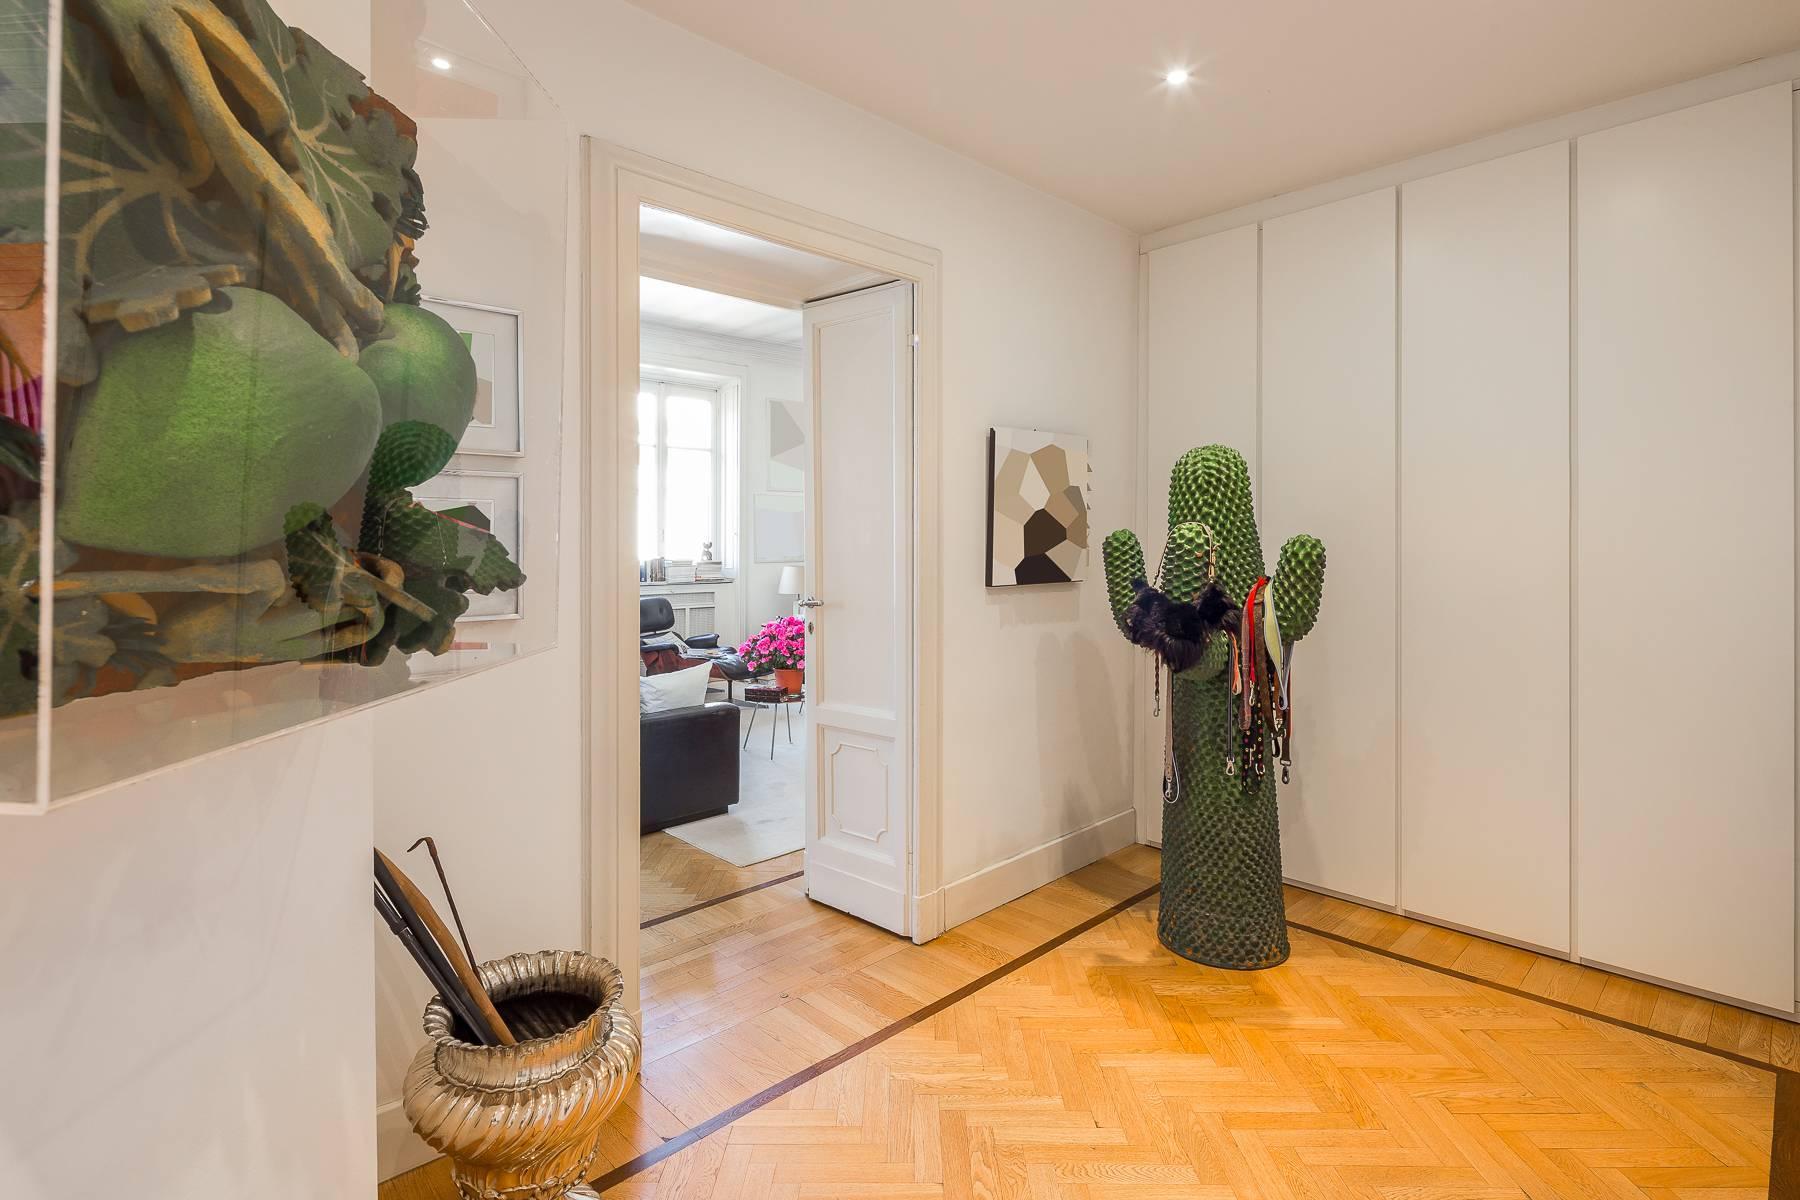 Appartamento esclusivo di 200 mq in nuda proprietà in un palazzo d'epoca - 5